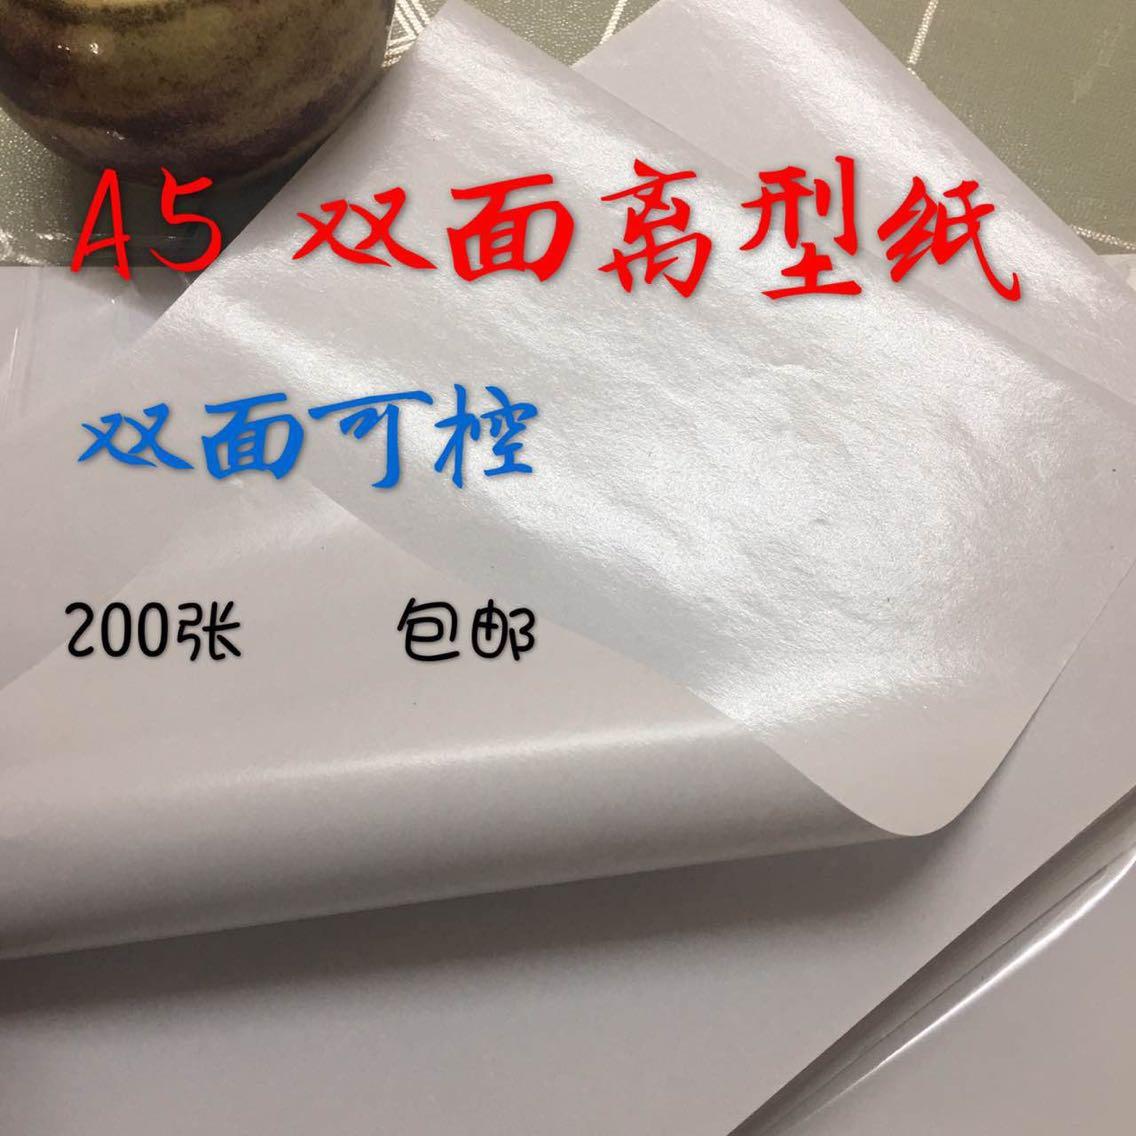 A5 双面离型纸 双面防粘 双面可控 双面离型隔离防潮 200张 包邮